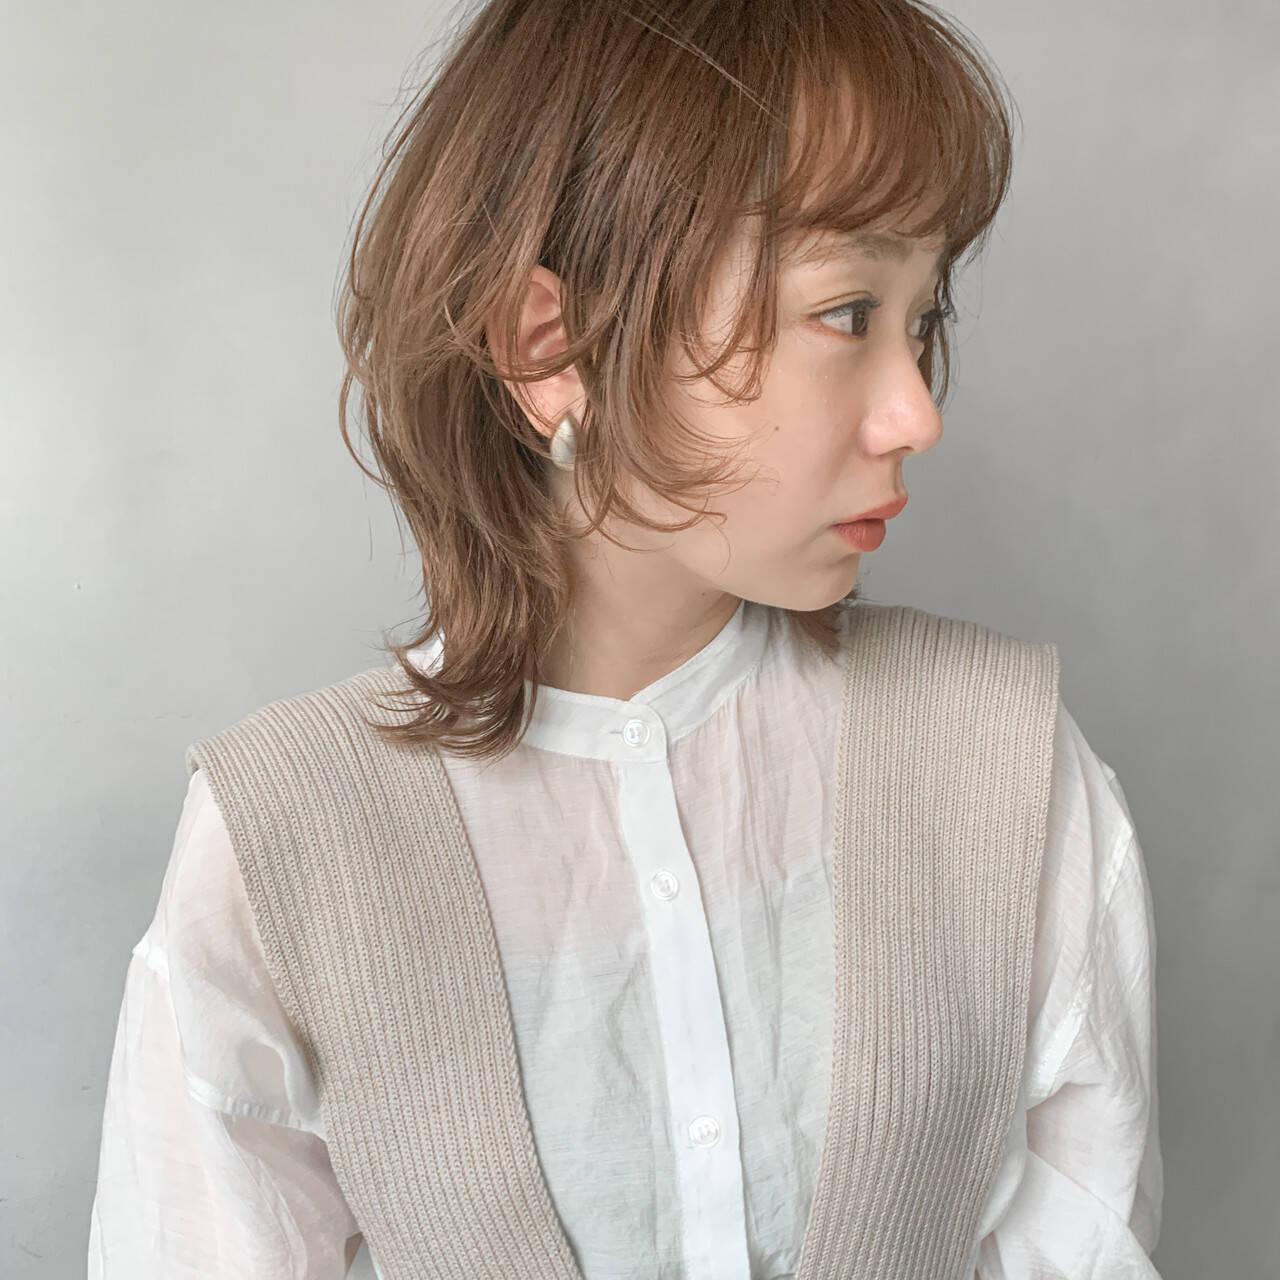 ミルクティーベージュ イヤリングカラー ウルフカット ボブヘアスタイルや髪型の写真・画像